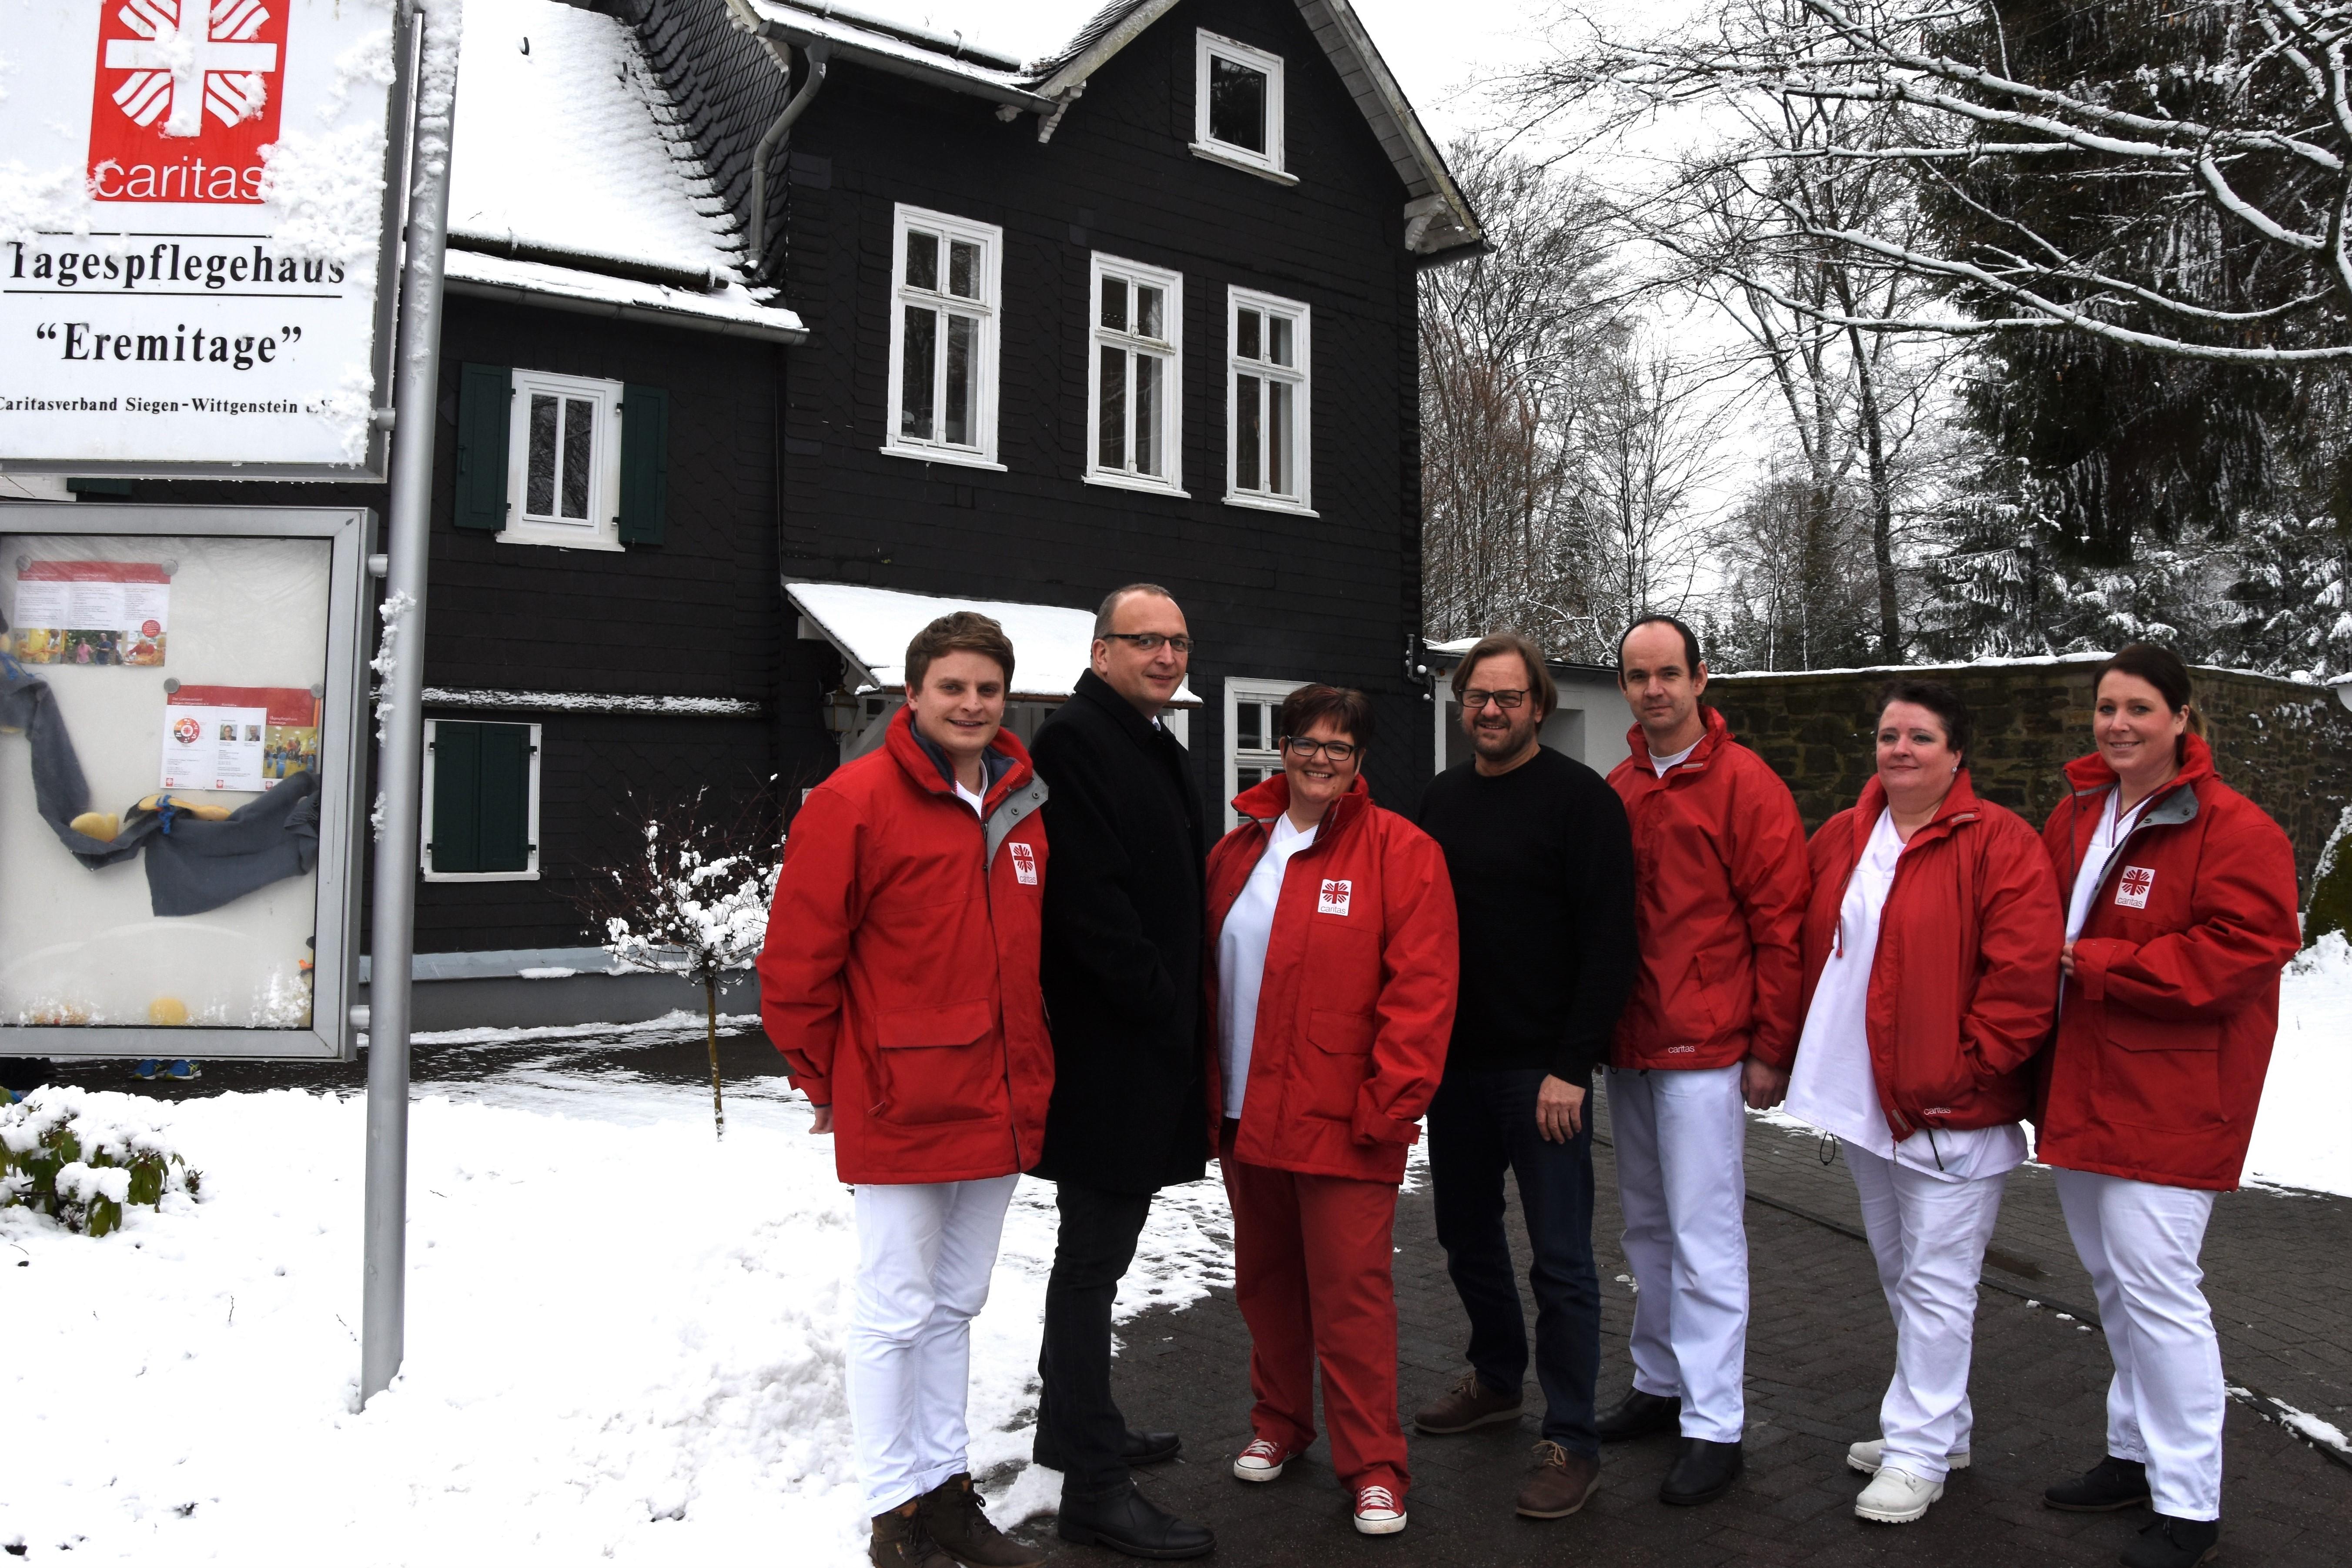 Caritas Sozialstation, Wilnsdorf, ERmeitage, Tagespflege, Stockschläder